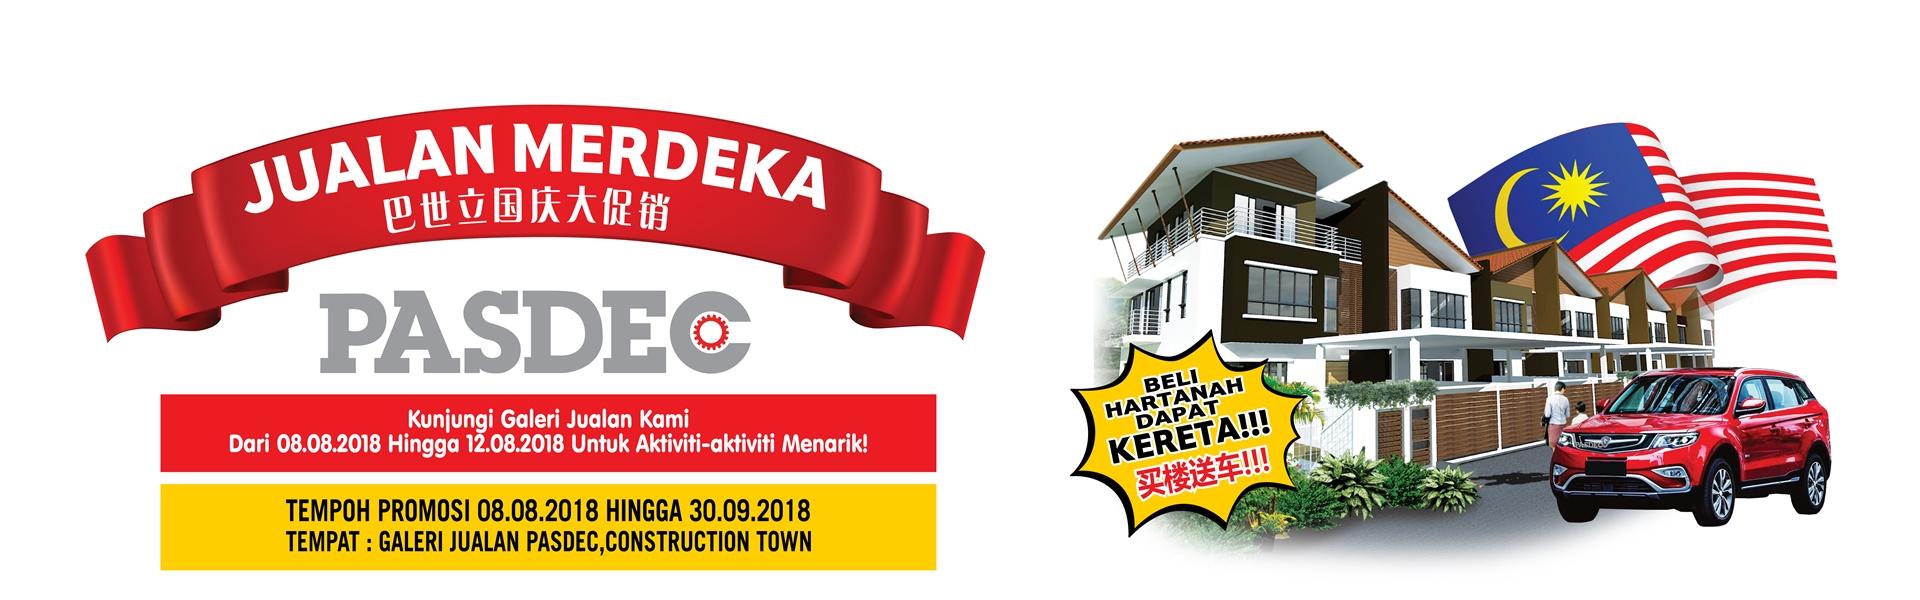 WEB-SLIDER-JUALAN-MERDEKA-PASDEC-20181